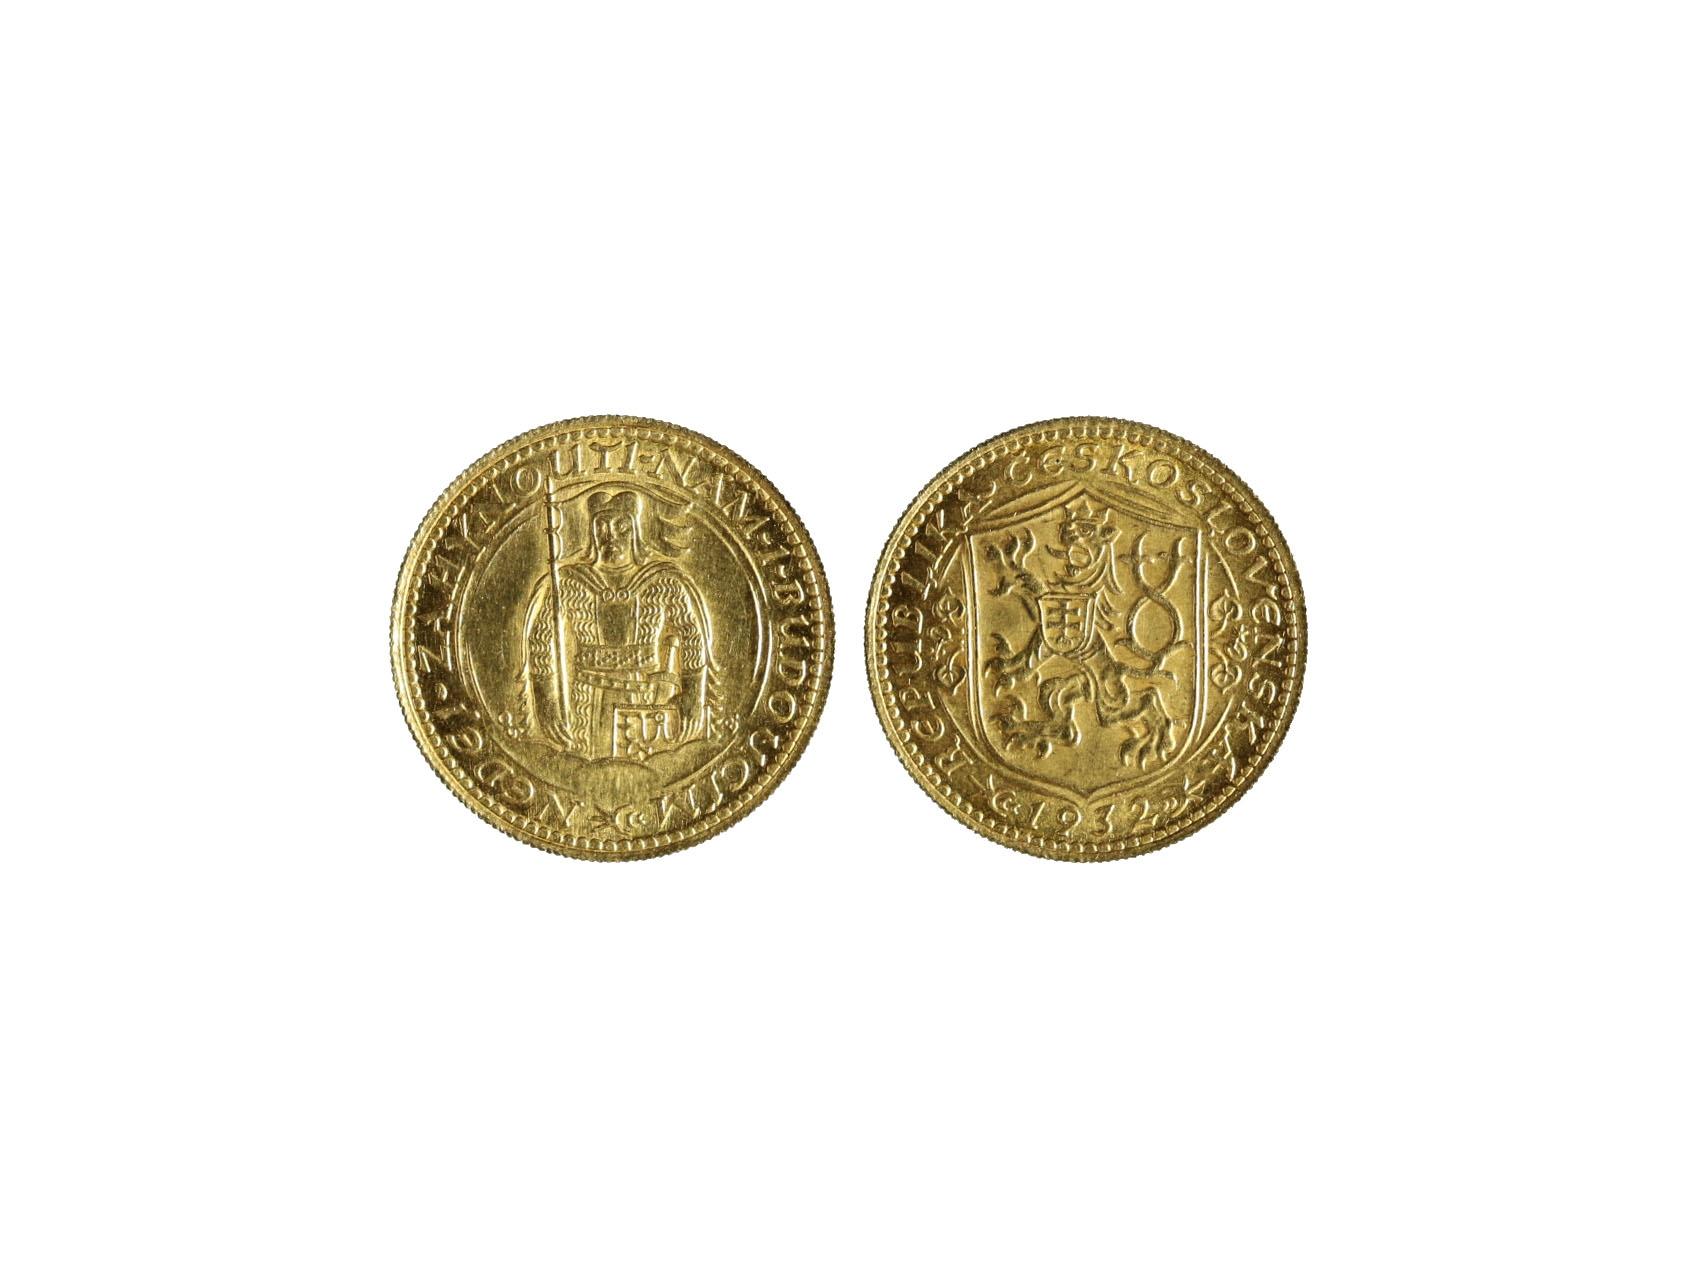 Československo 1918-1939 - Dukát 1932, 3.491 g, 986/1000, raženo 26617 ks, N16